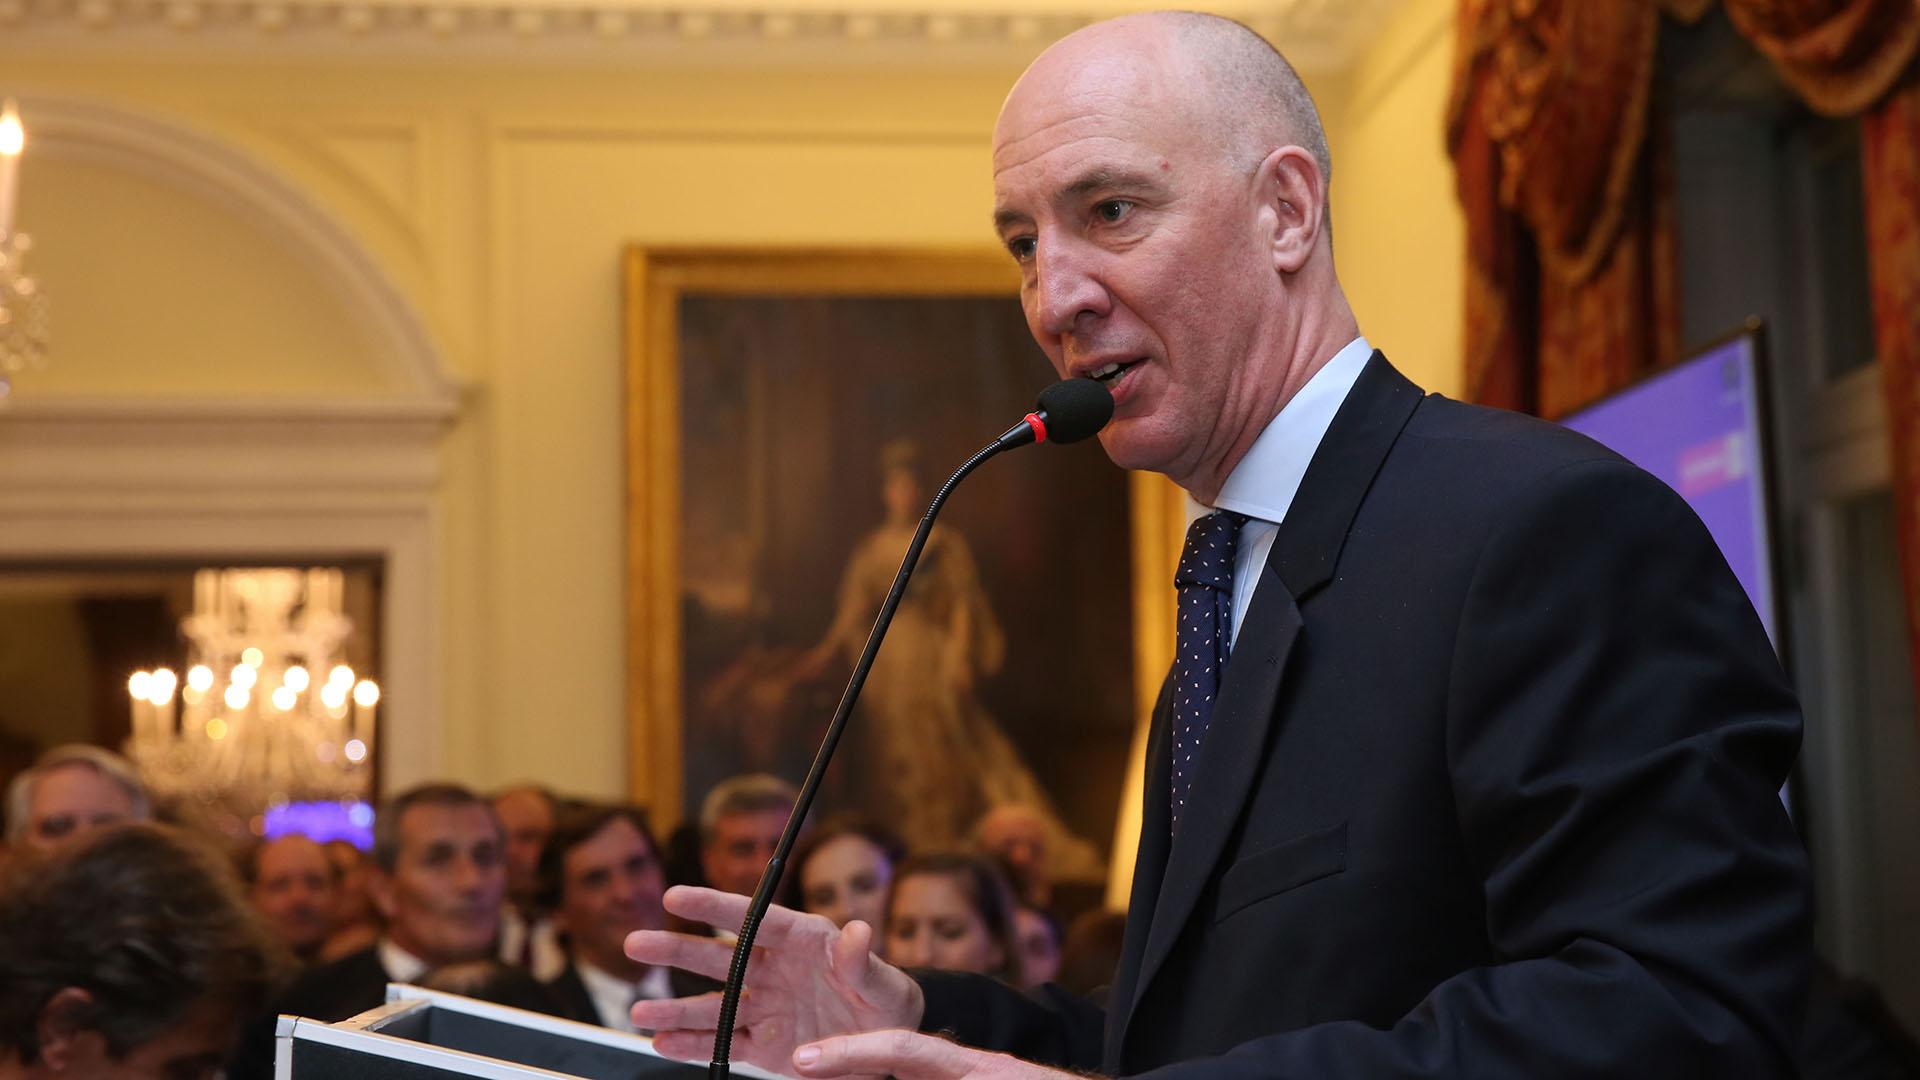 El discurso del embajador Mark Kent